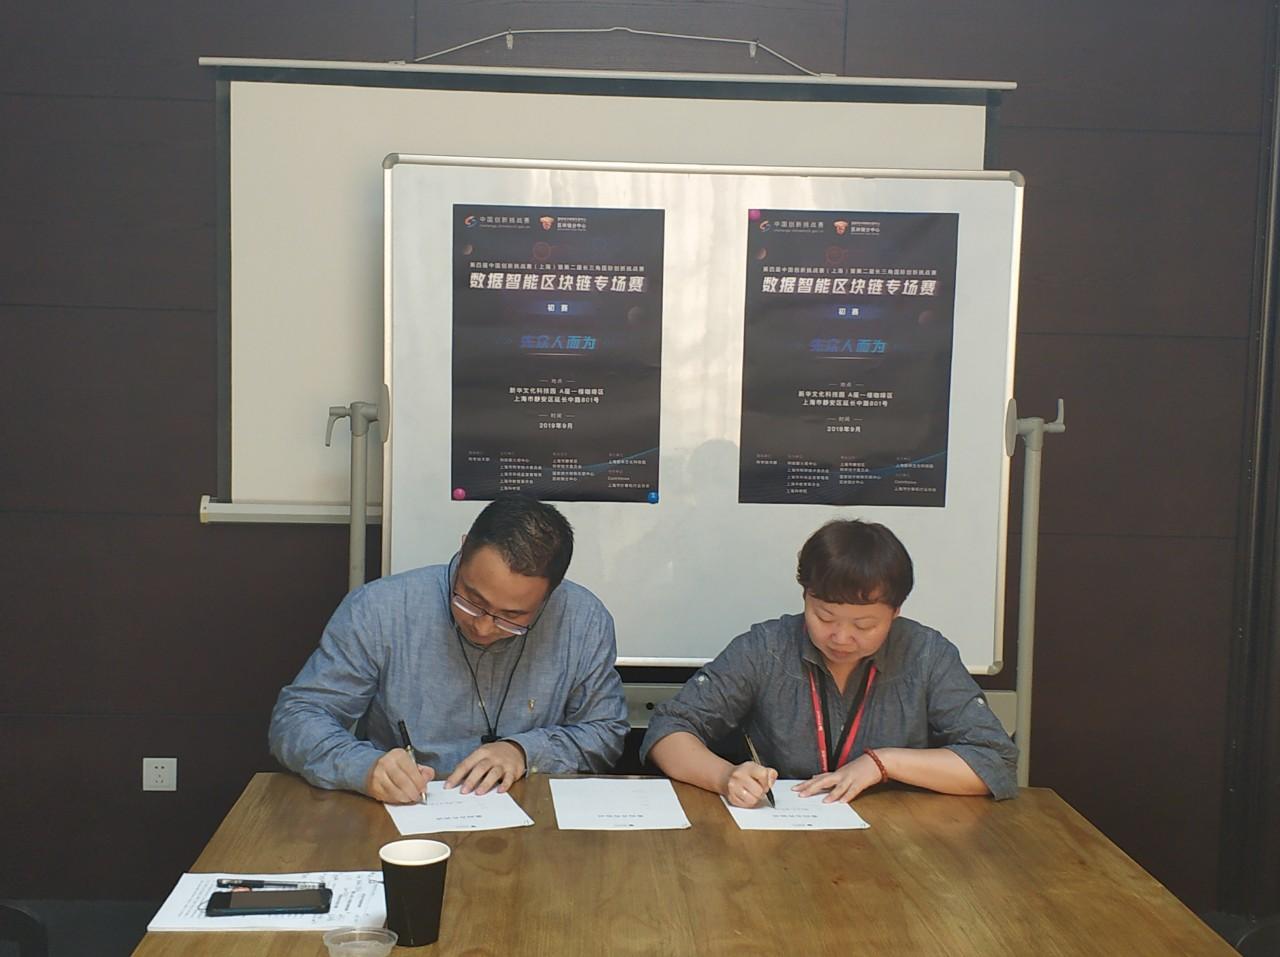 域乎与阿里投资的大润发签订区块链项目合作意向协议